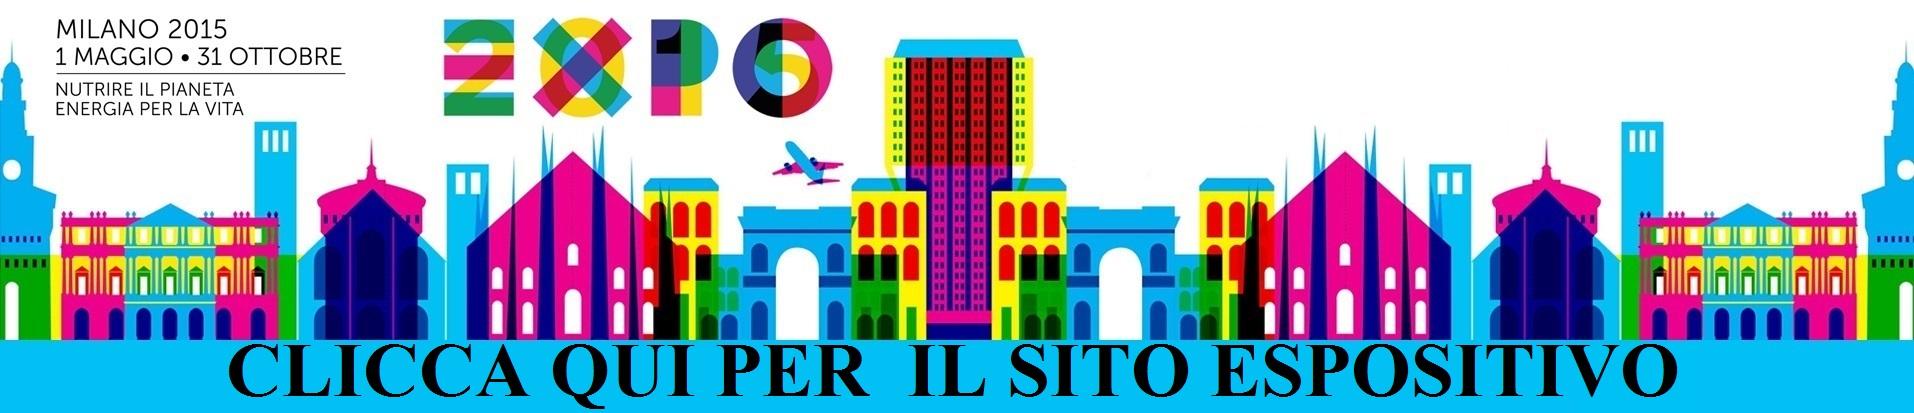 Padiglione Expo